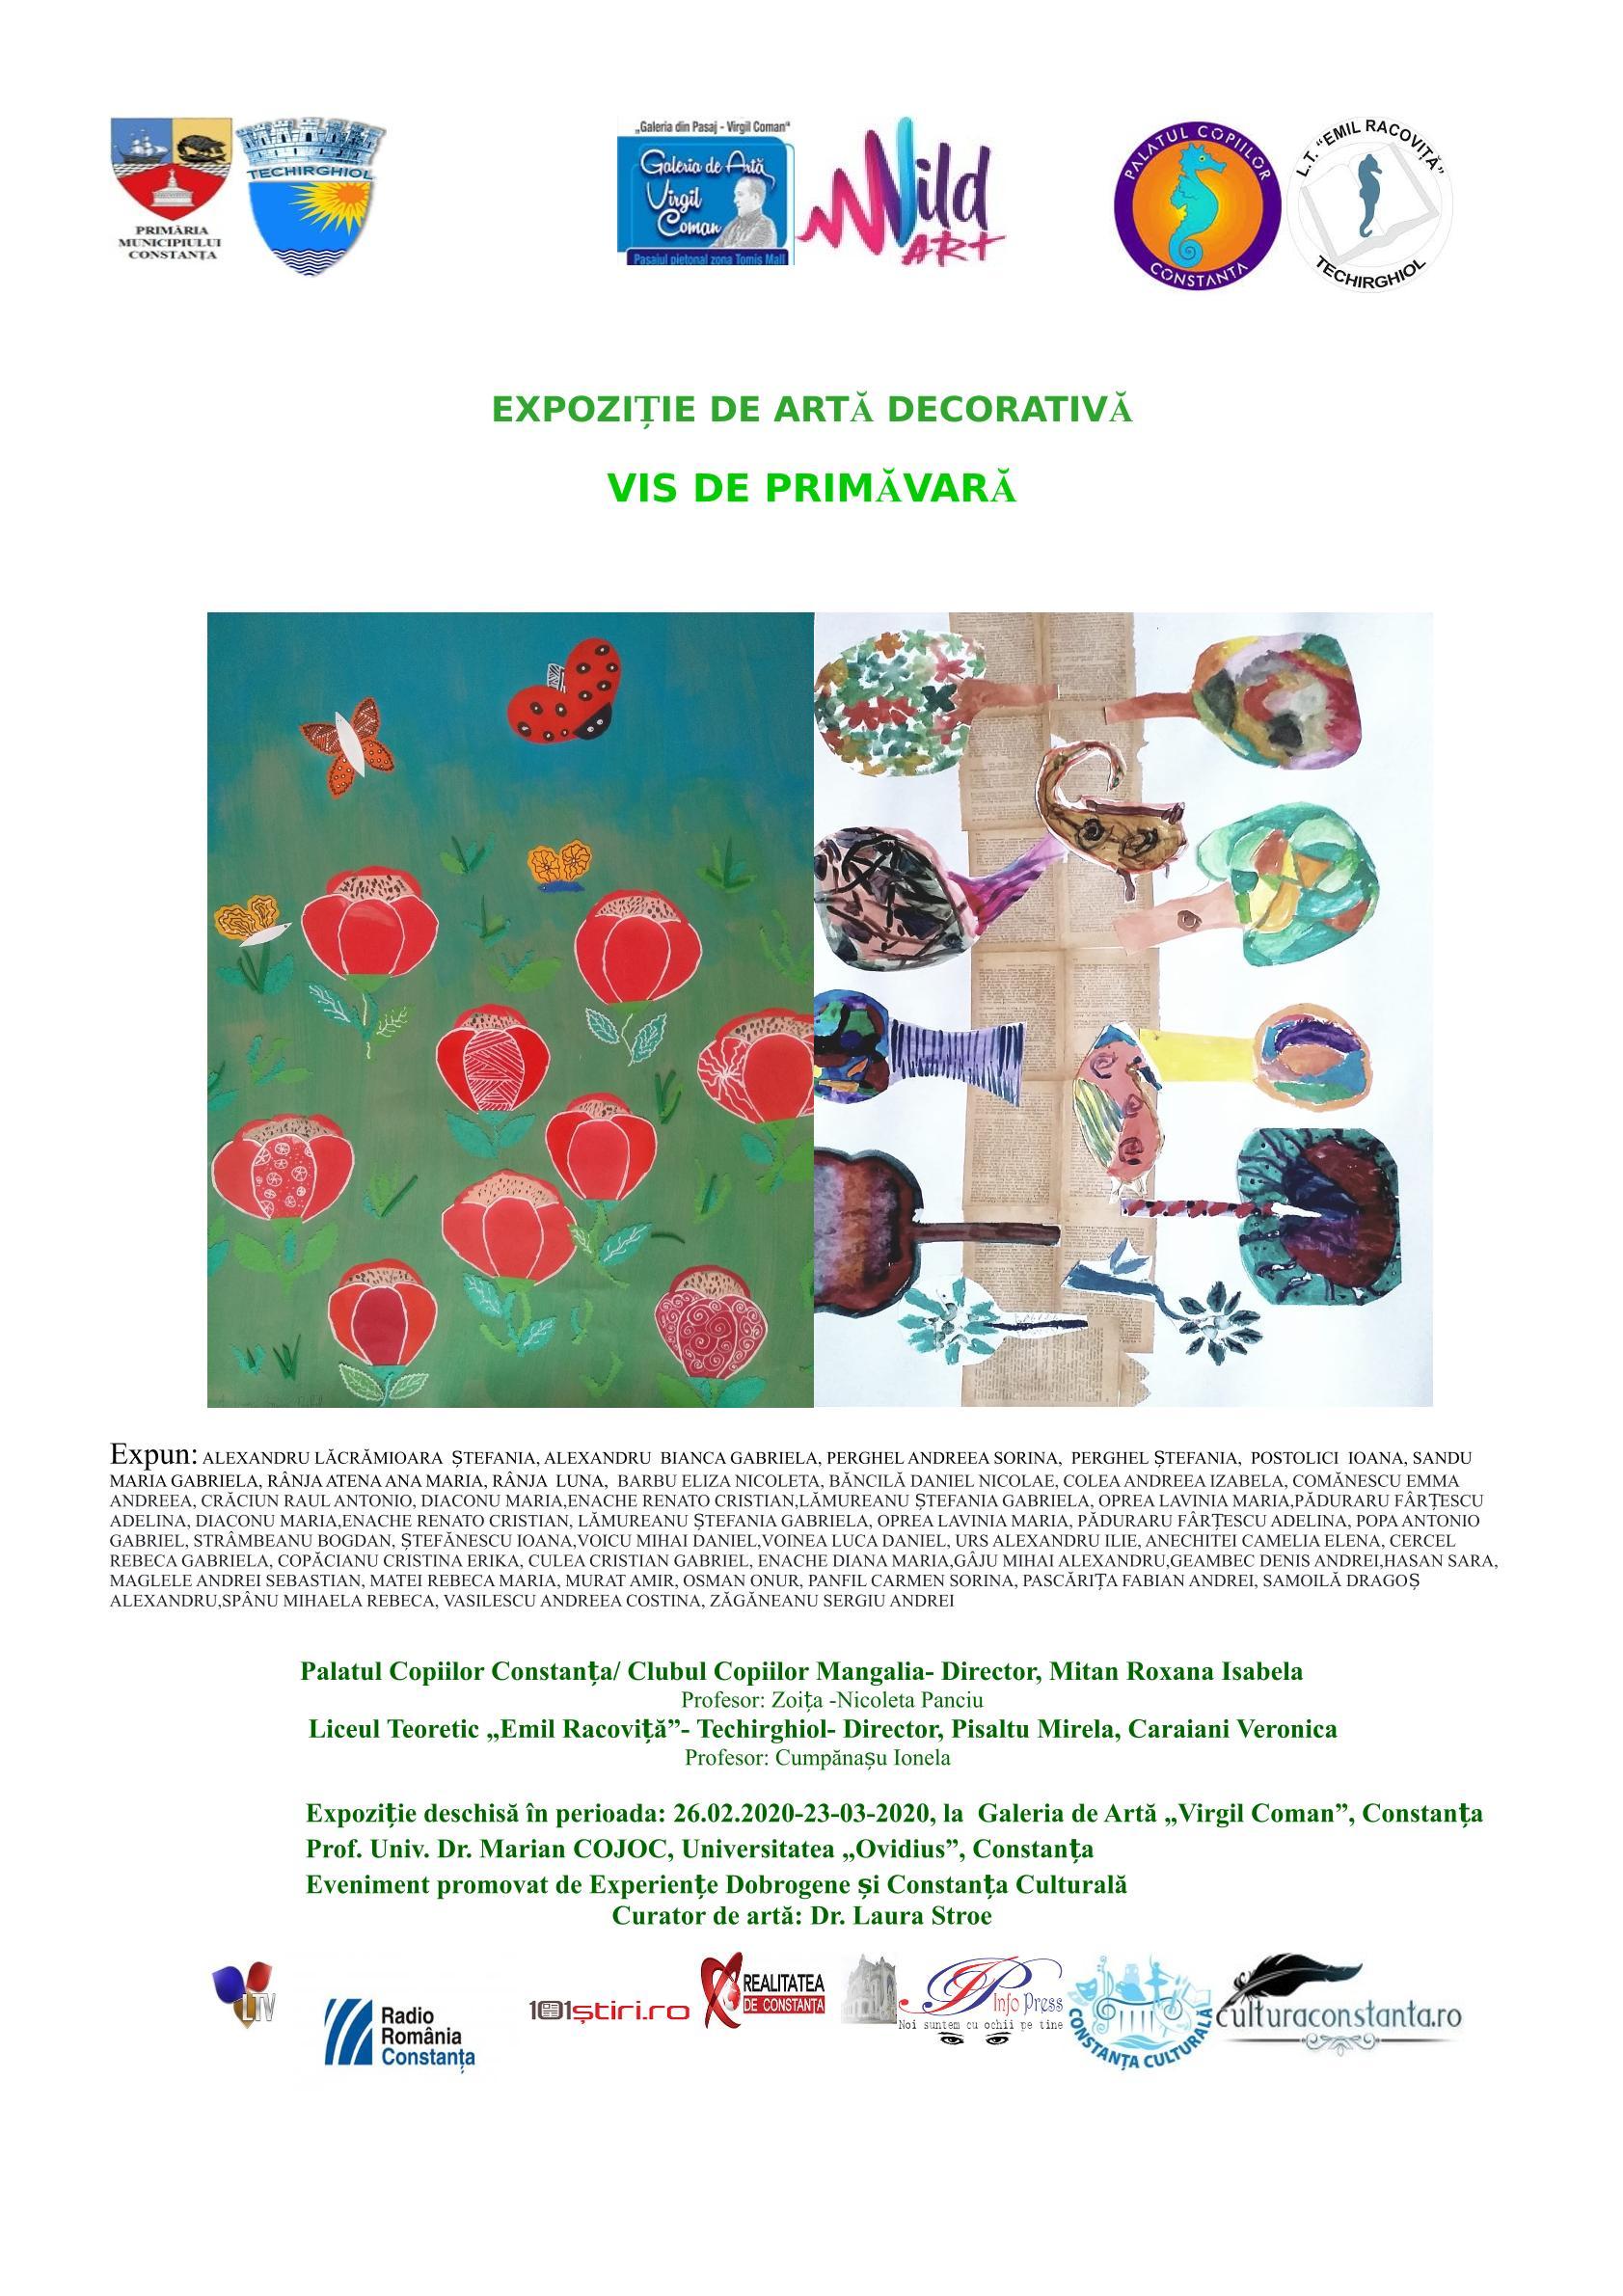 """Expoziție de artă decorativă la Galeria de Artă """"Virgil Coman"""""""